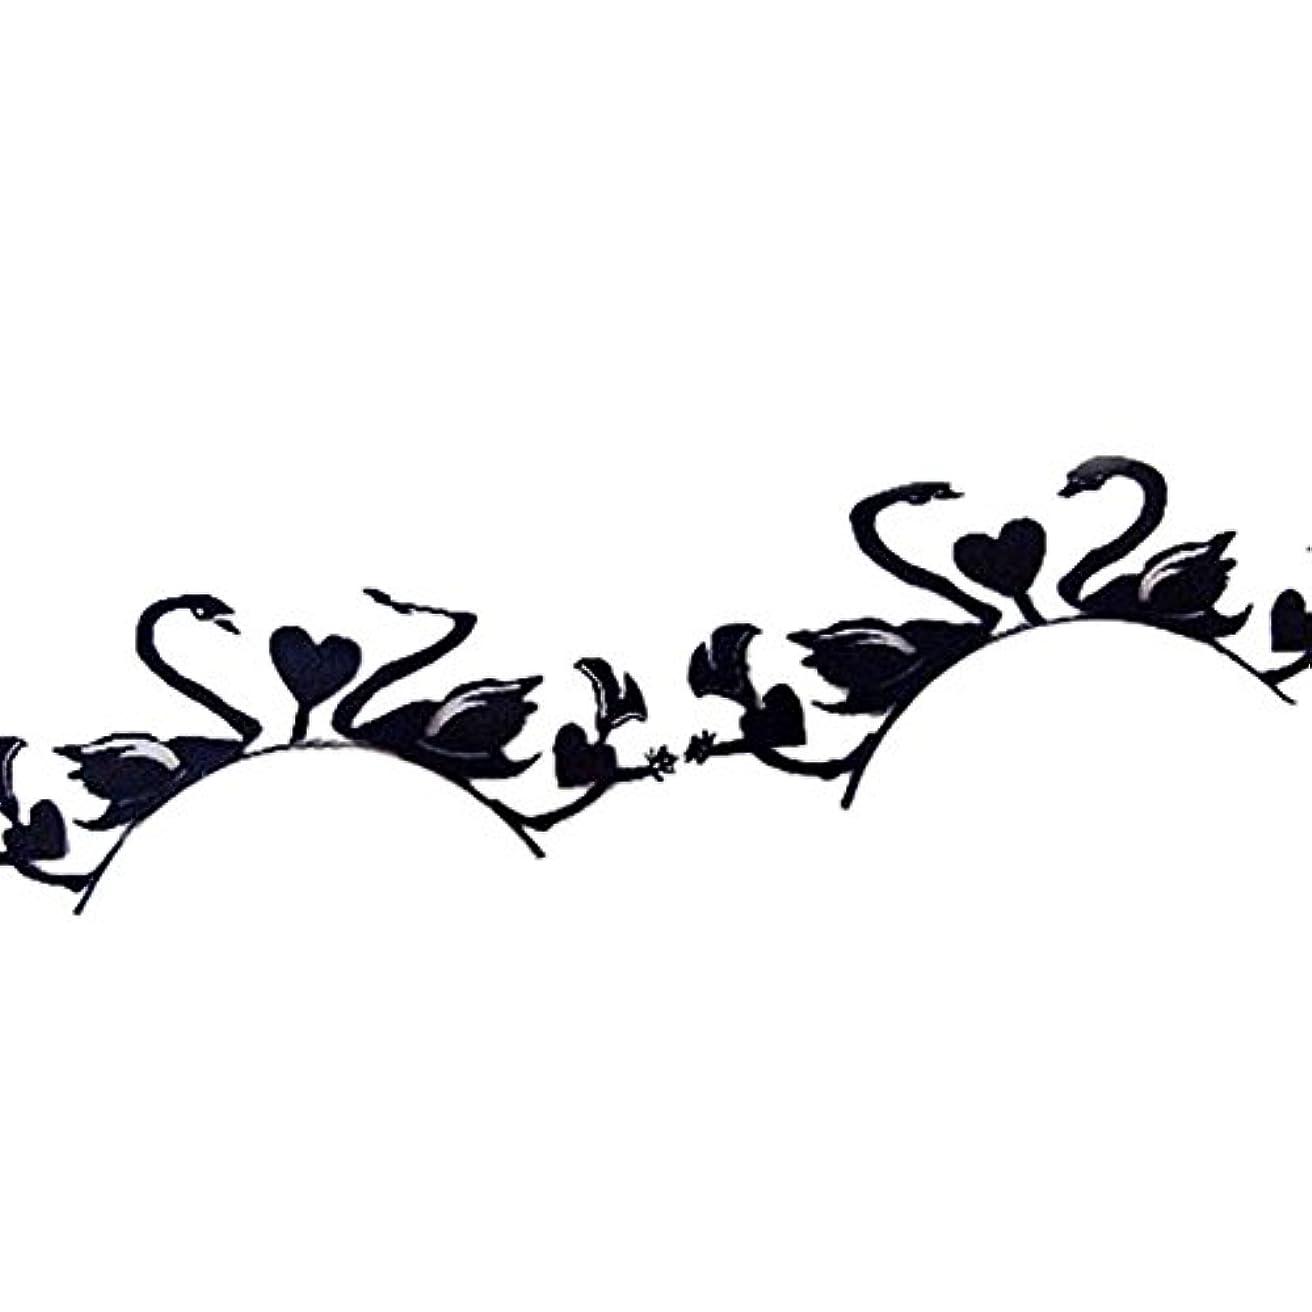 寛容導出通行料金花嫁紙カットアートスタイルの紙ステージ白鳥と愛まつげ